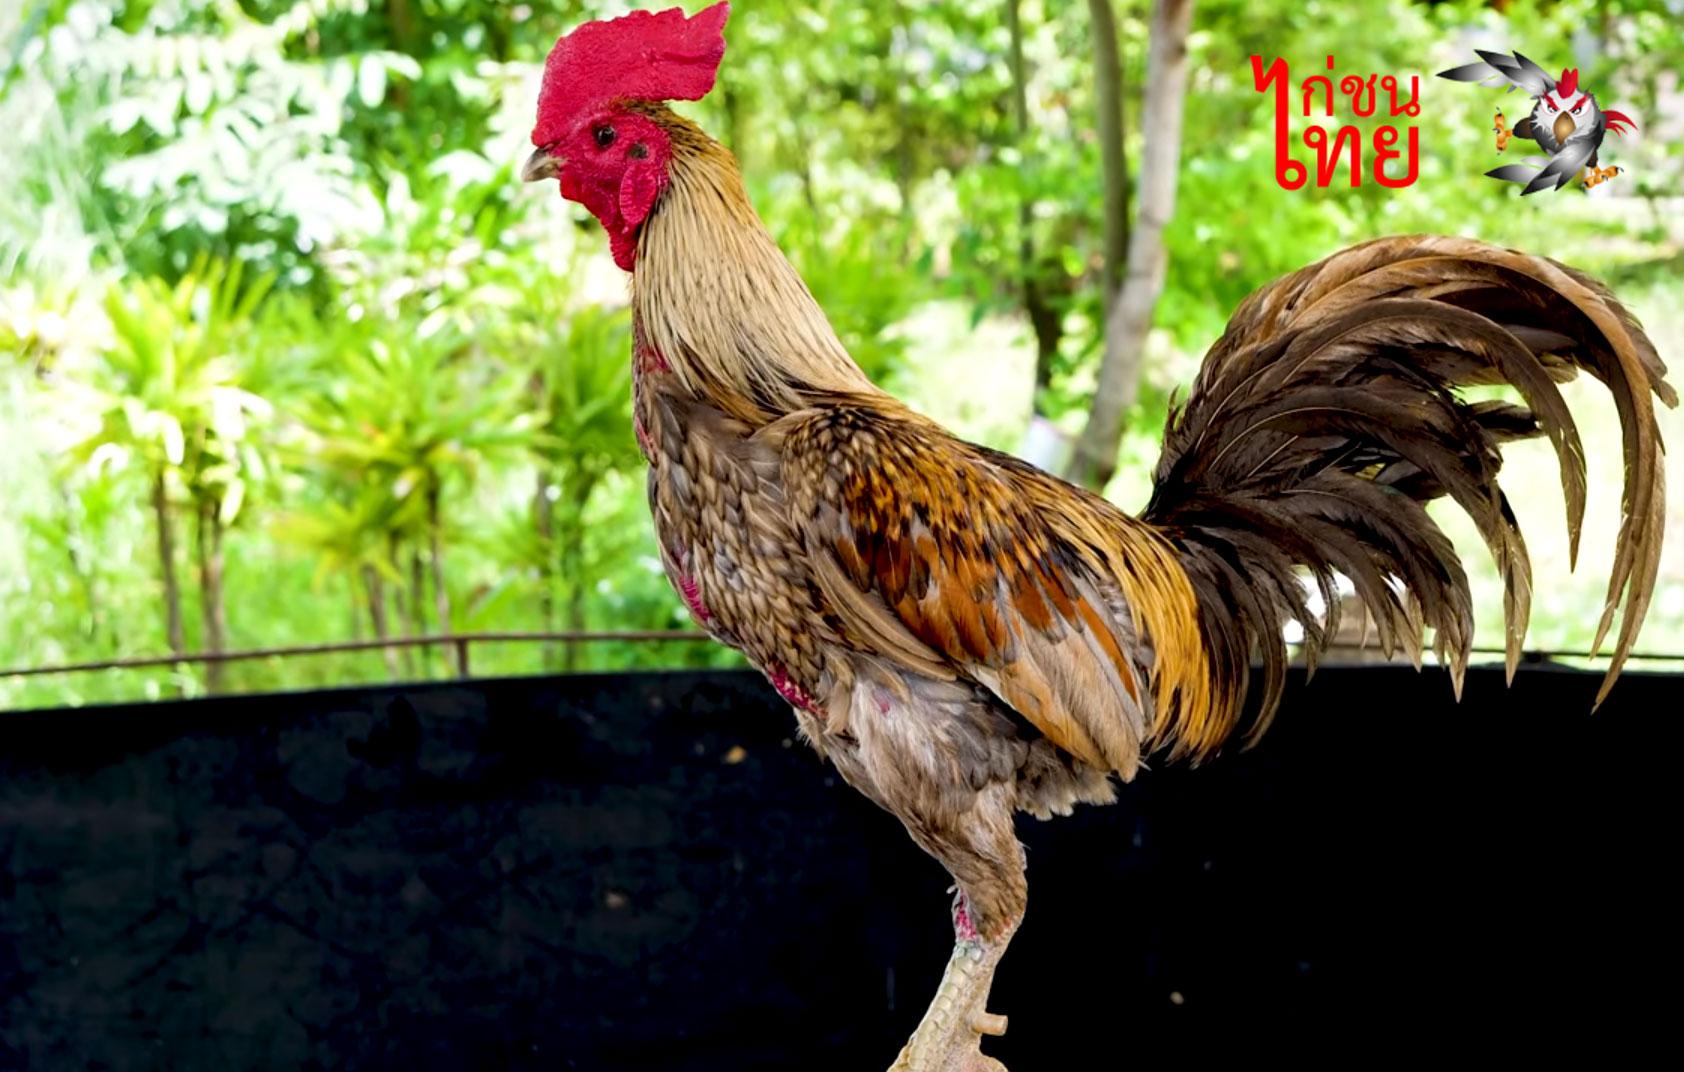 ไก่พม่าที่ไม่ควรเลี้ยงเป็นสายพันธุ์ นักเลี้ยงไก่ชนควรรู้